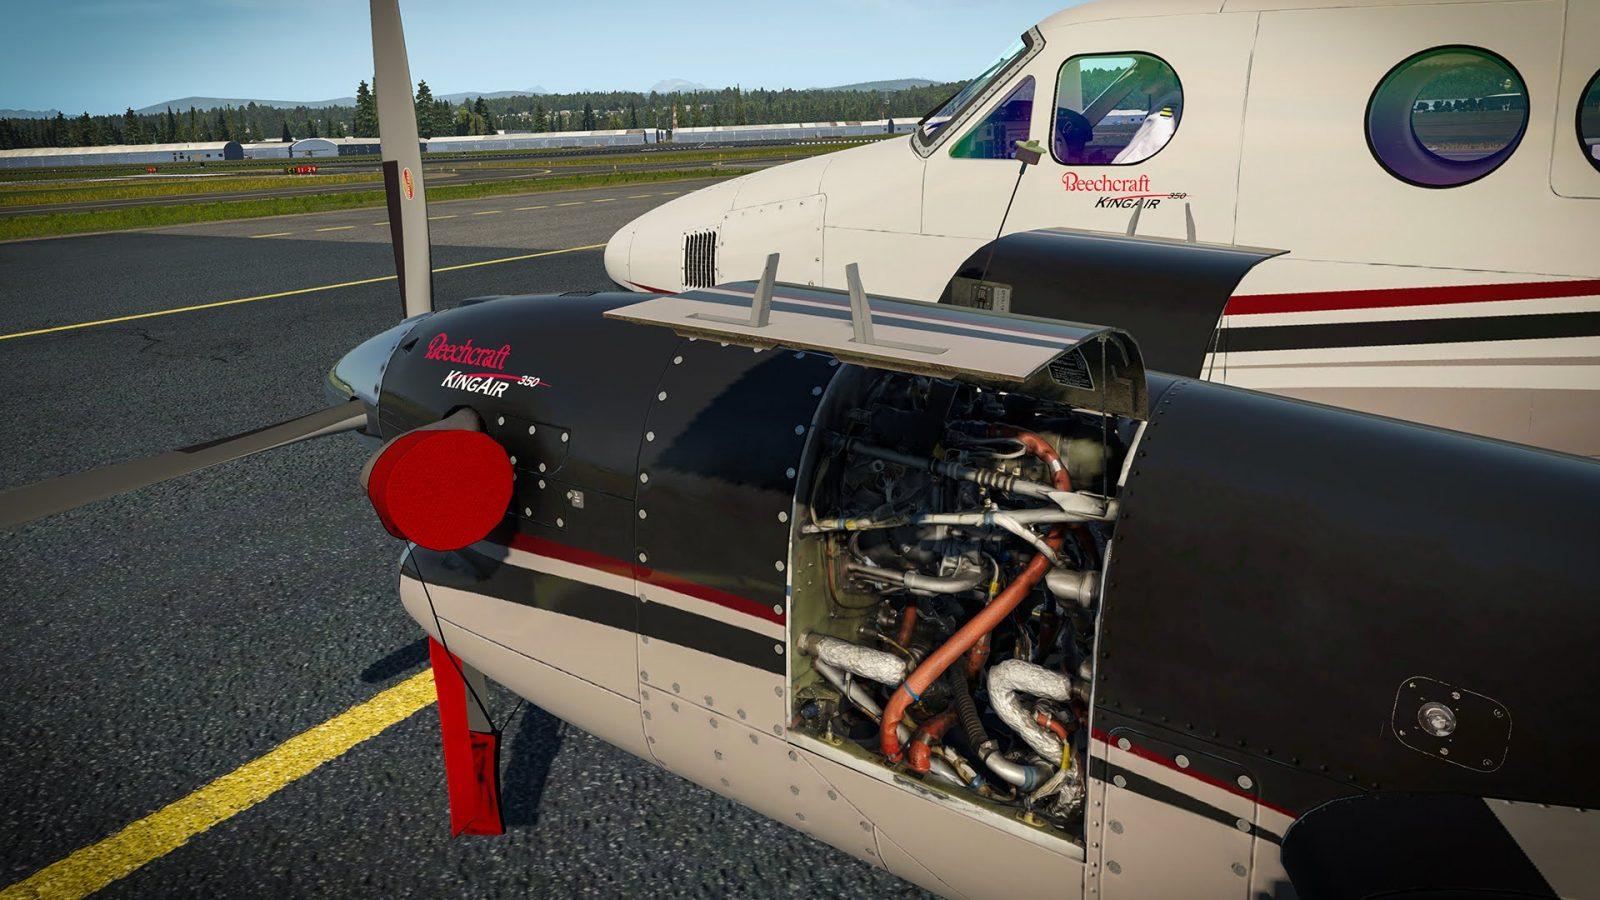 airfoillabs-king-air-350-20-1600x900.jpg